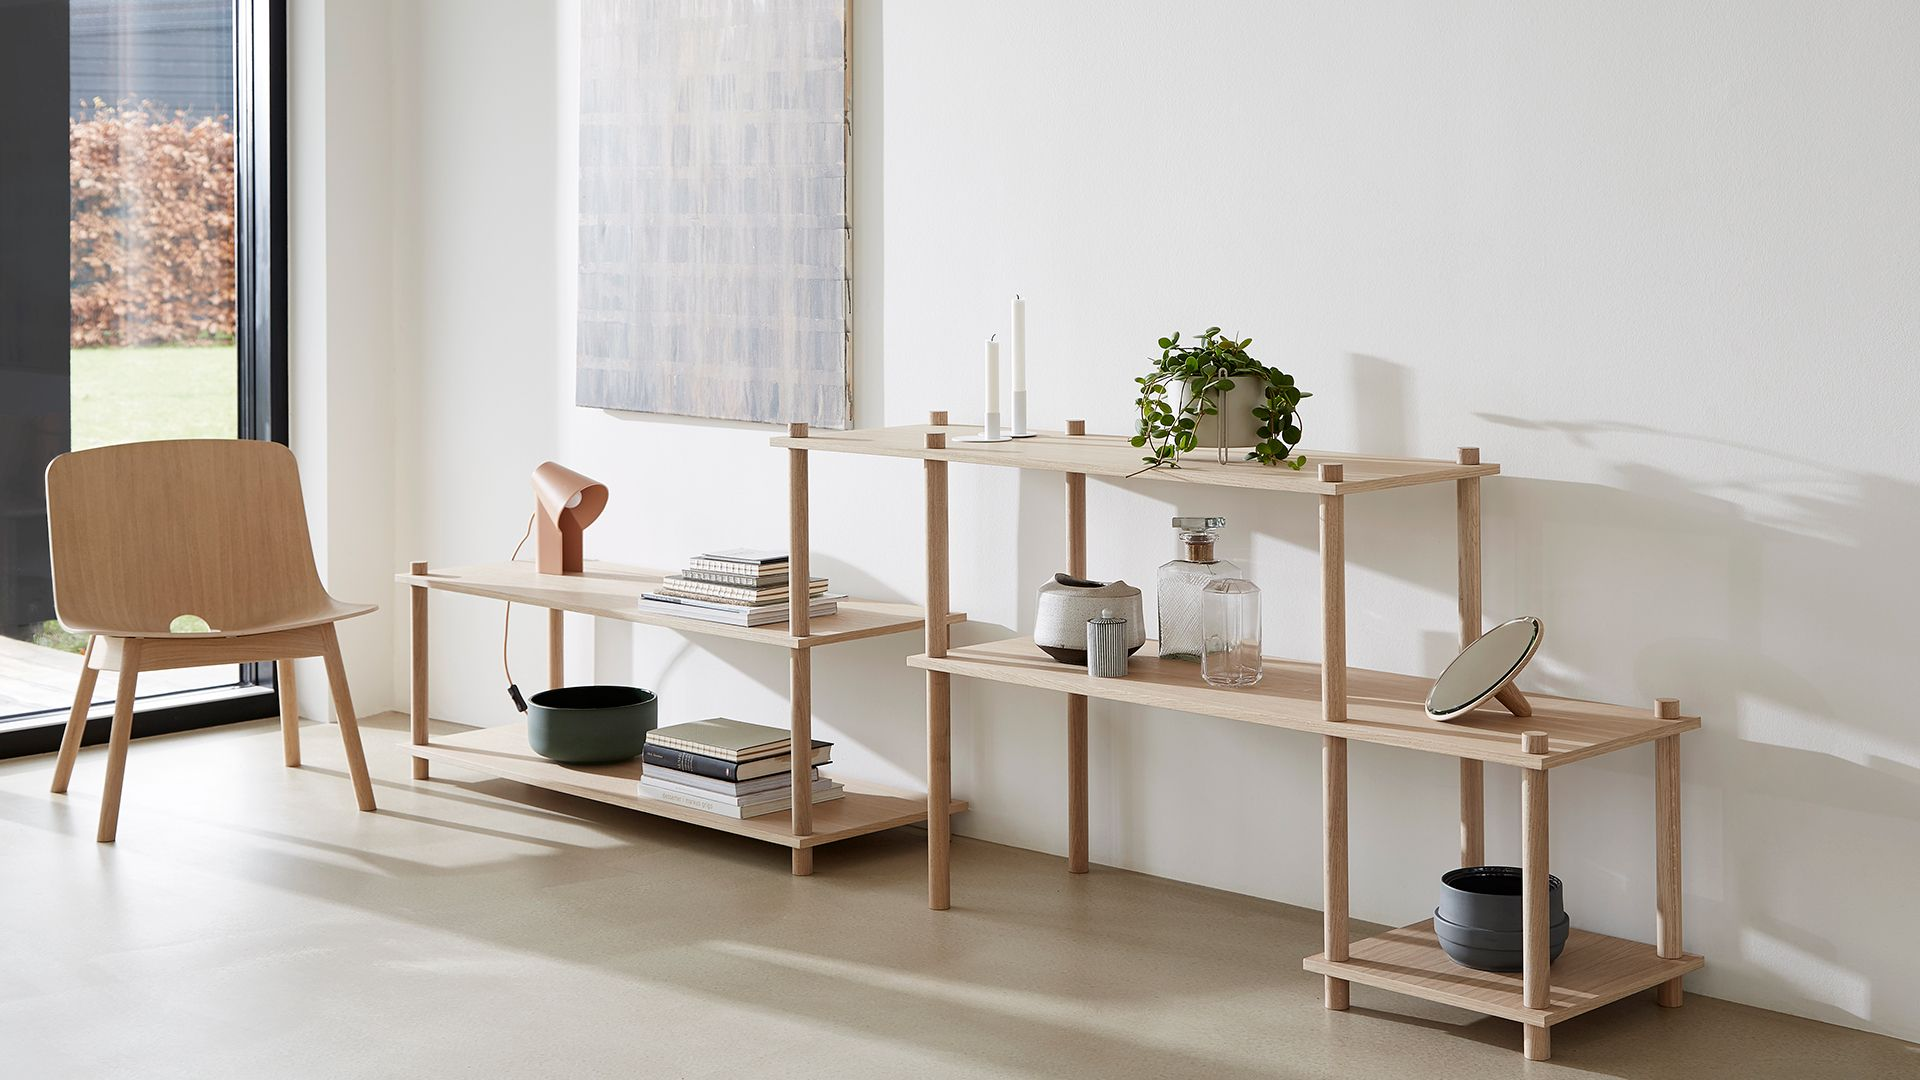 6 Ideas para decorar espacios pequeños y que parezcan amplios